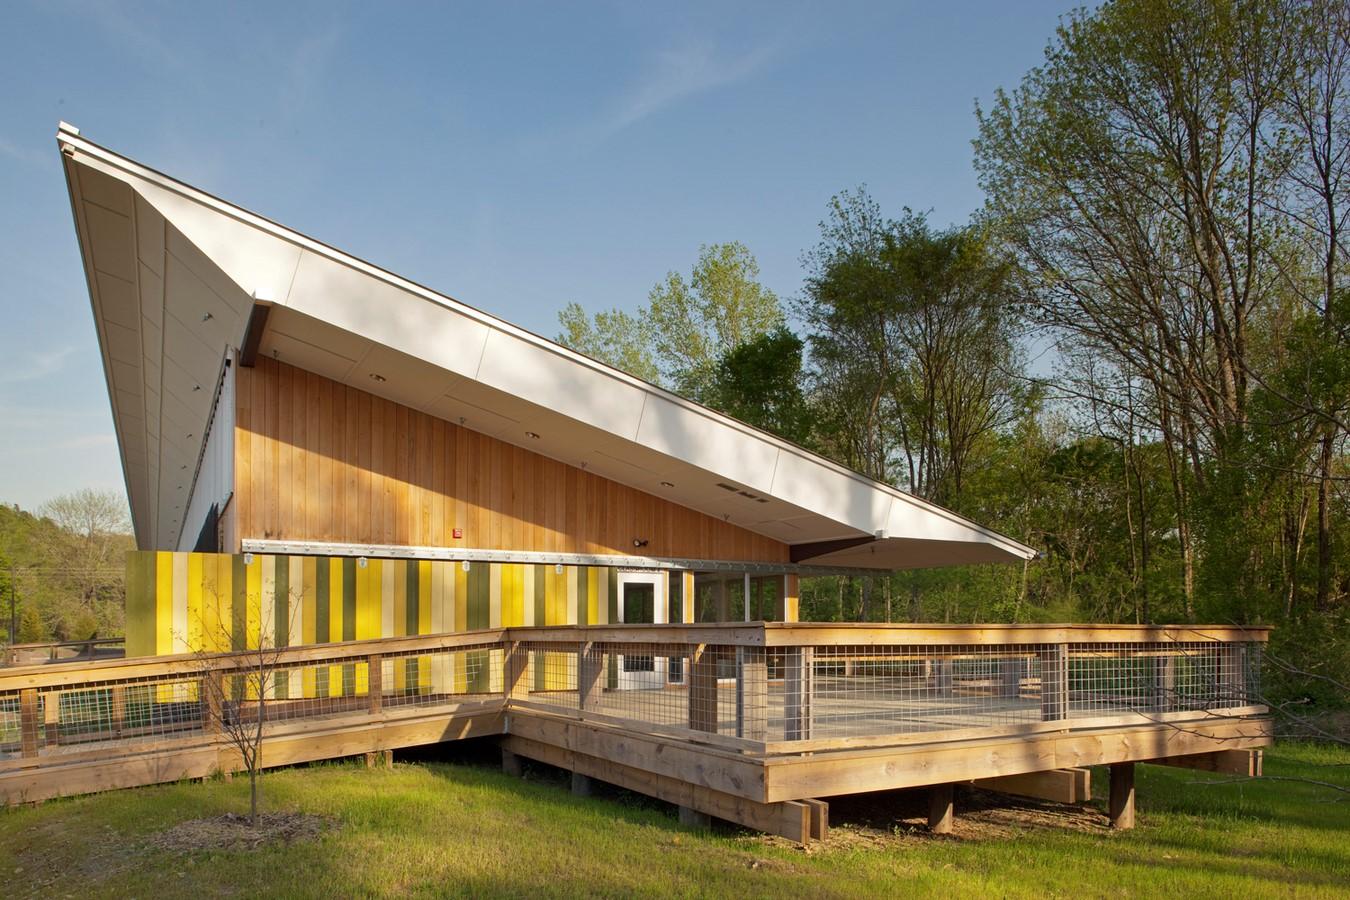 Walnut Creek Wetland Center Raleigh, NC ⎥ 2009 - Sheet2